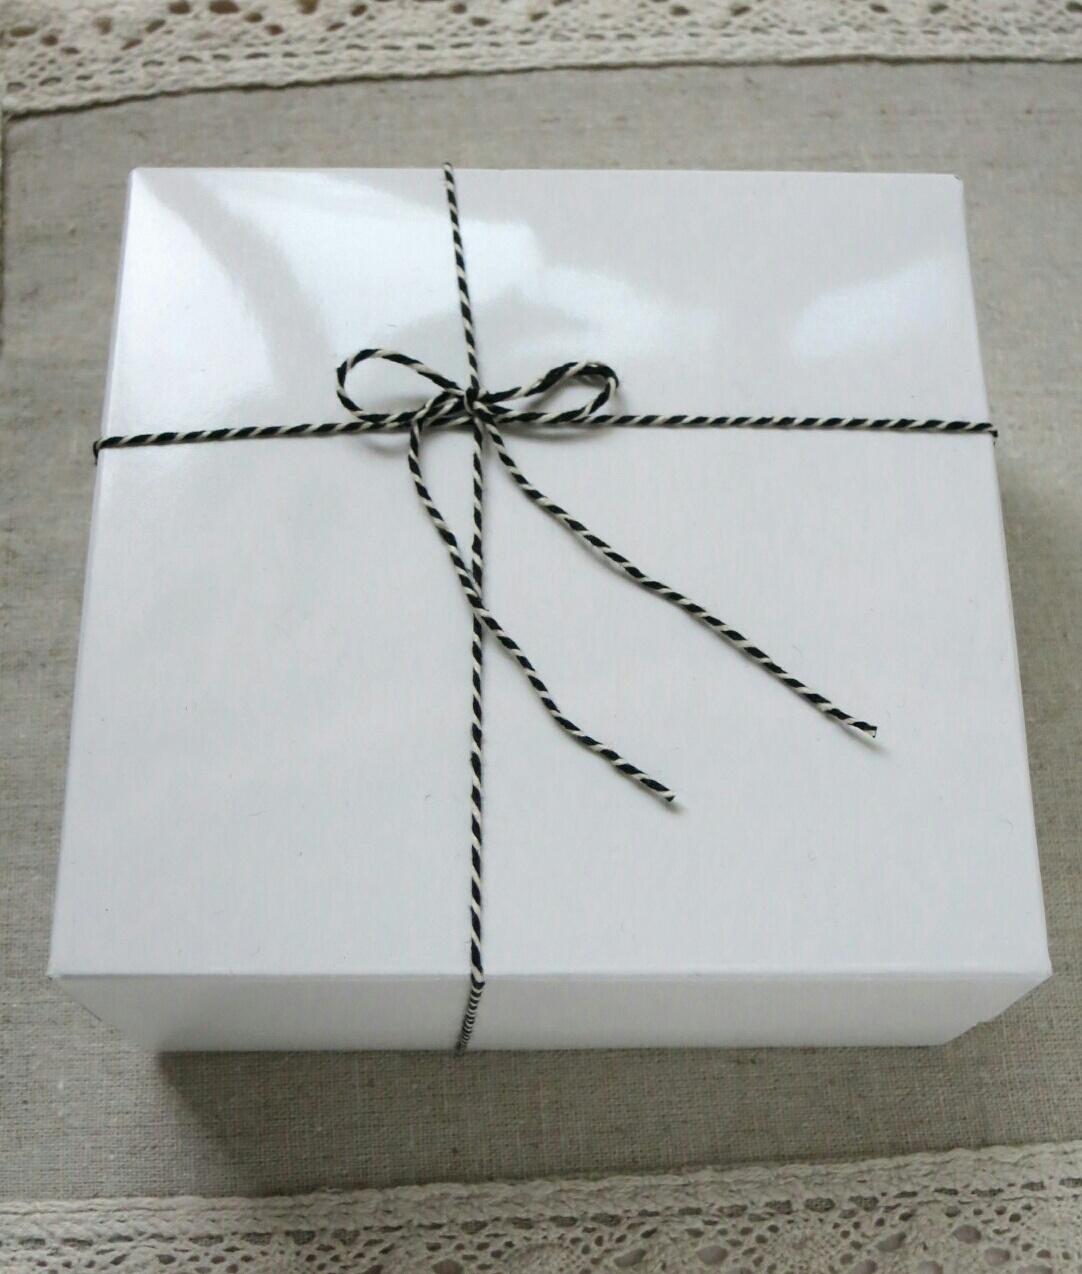 軽井沢マルシェ / ありんこ菓子店のお菓子BOX♥_f0236260_1858156.jpg